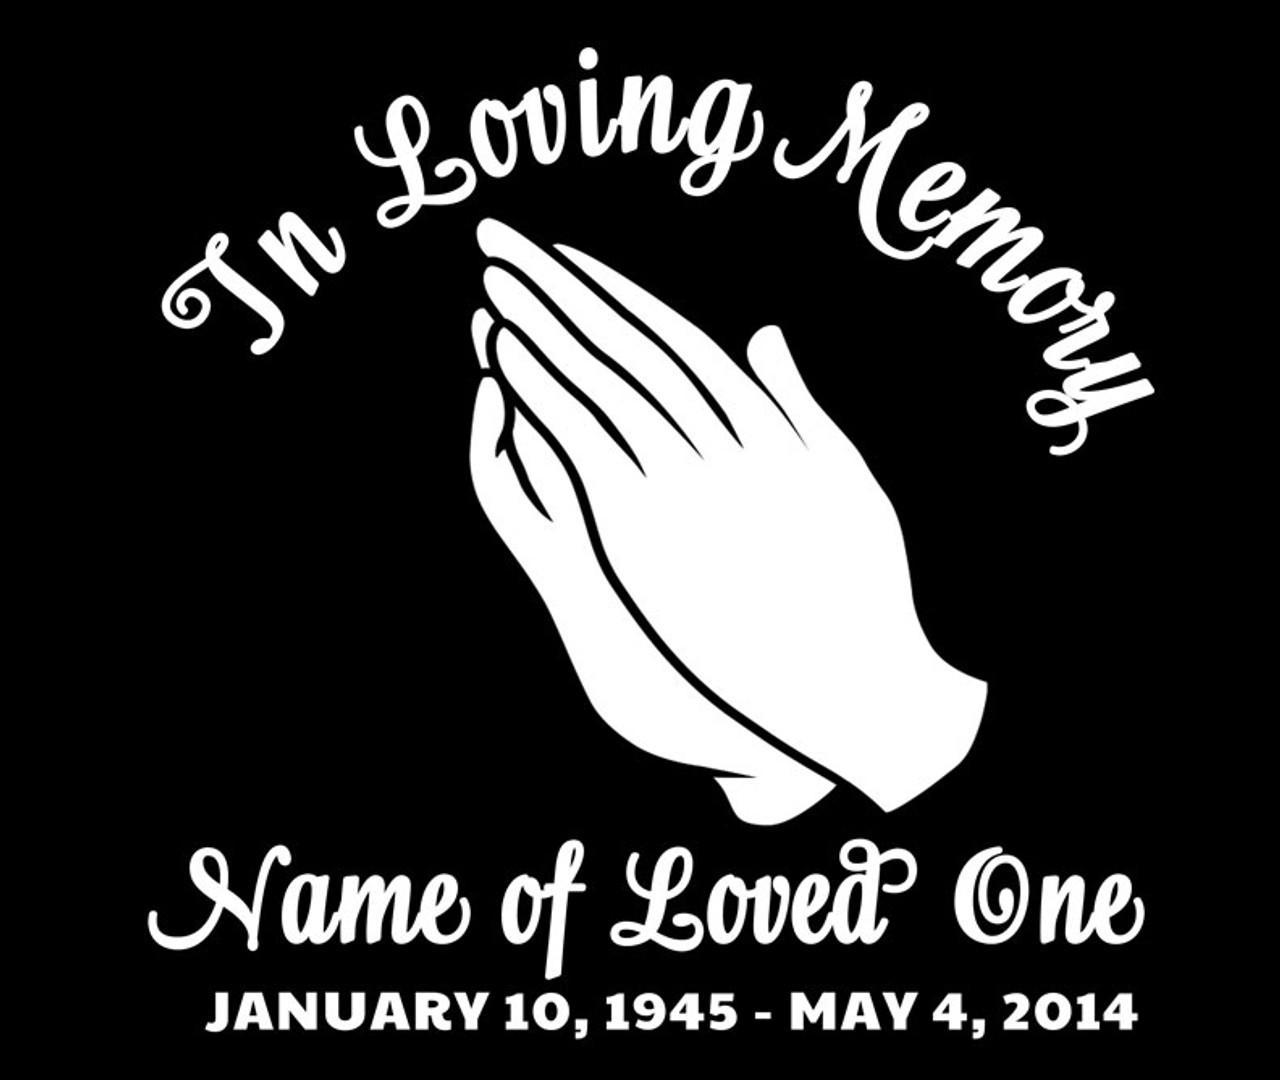 In Loving Memory Car Decals >> Hands In Loving Memory Car Decal